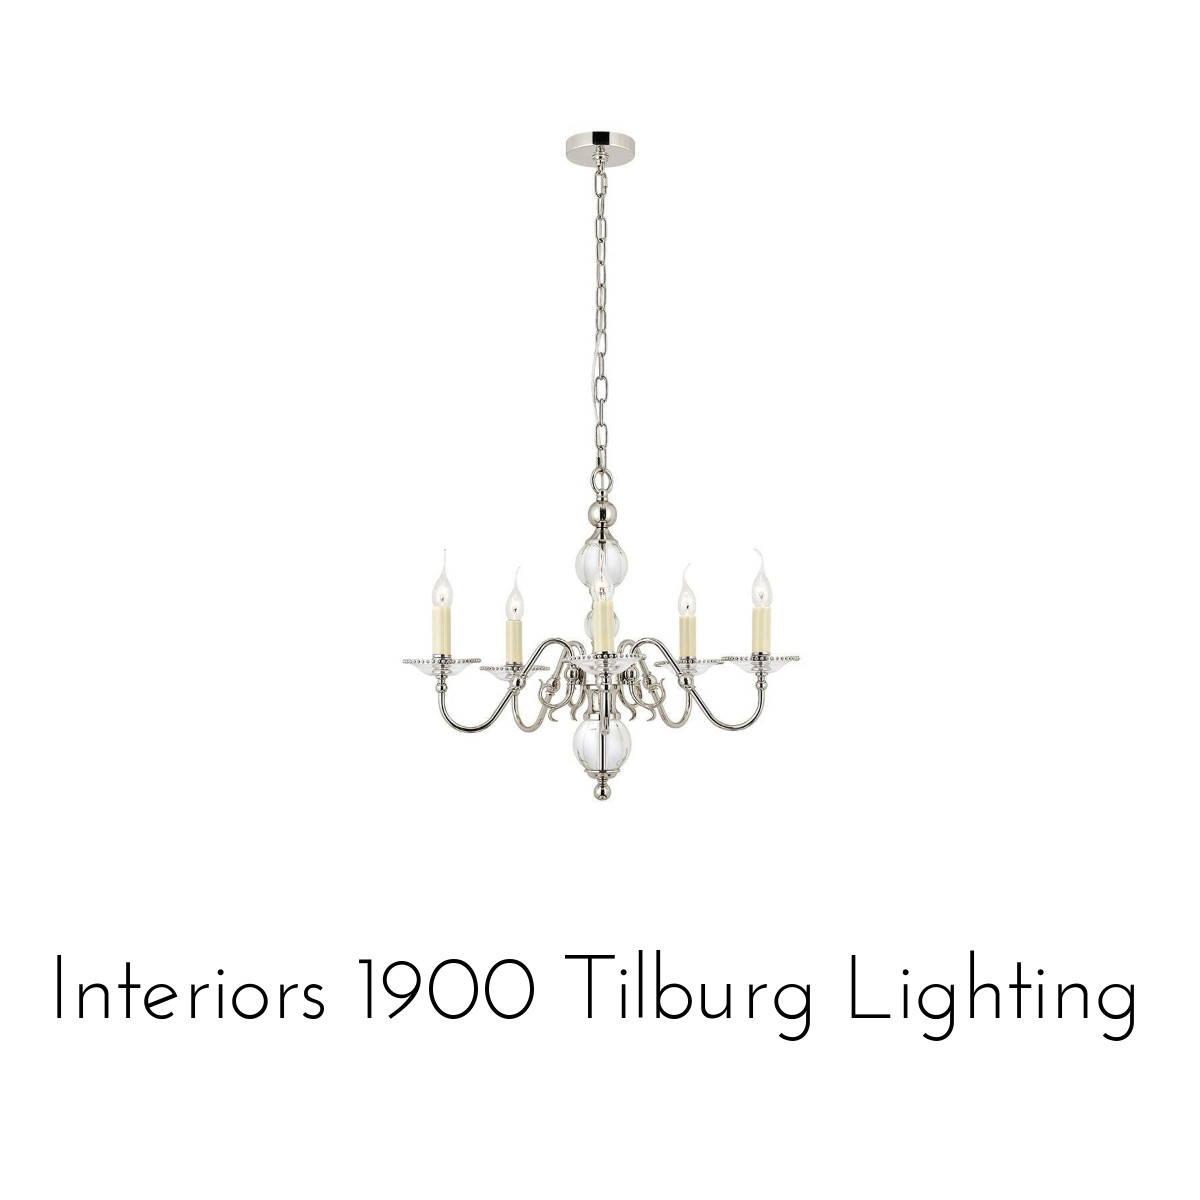 interiors 1900 tilburg lighting